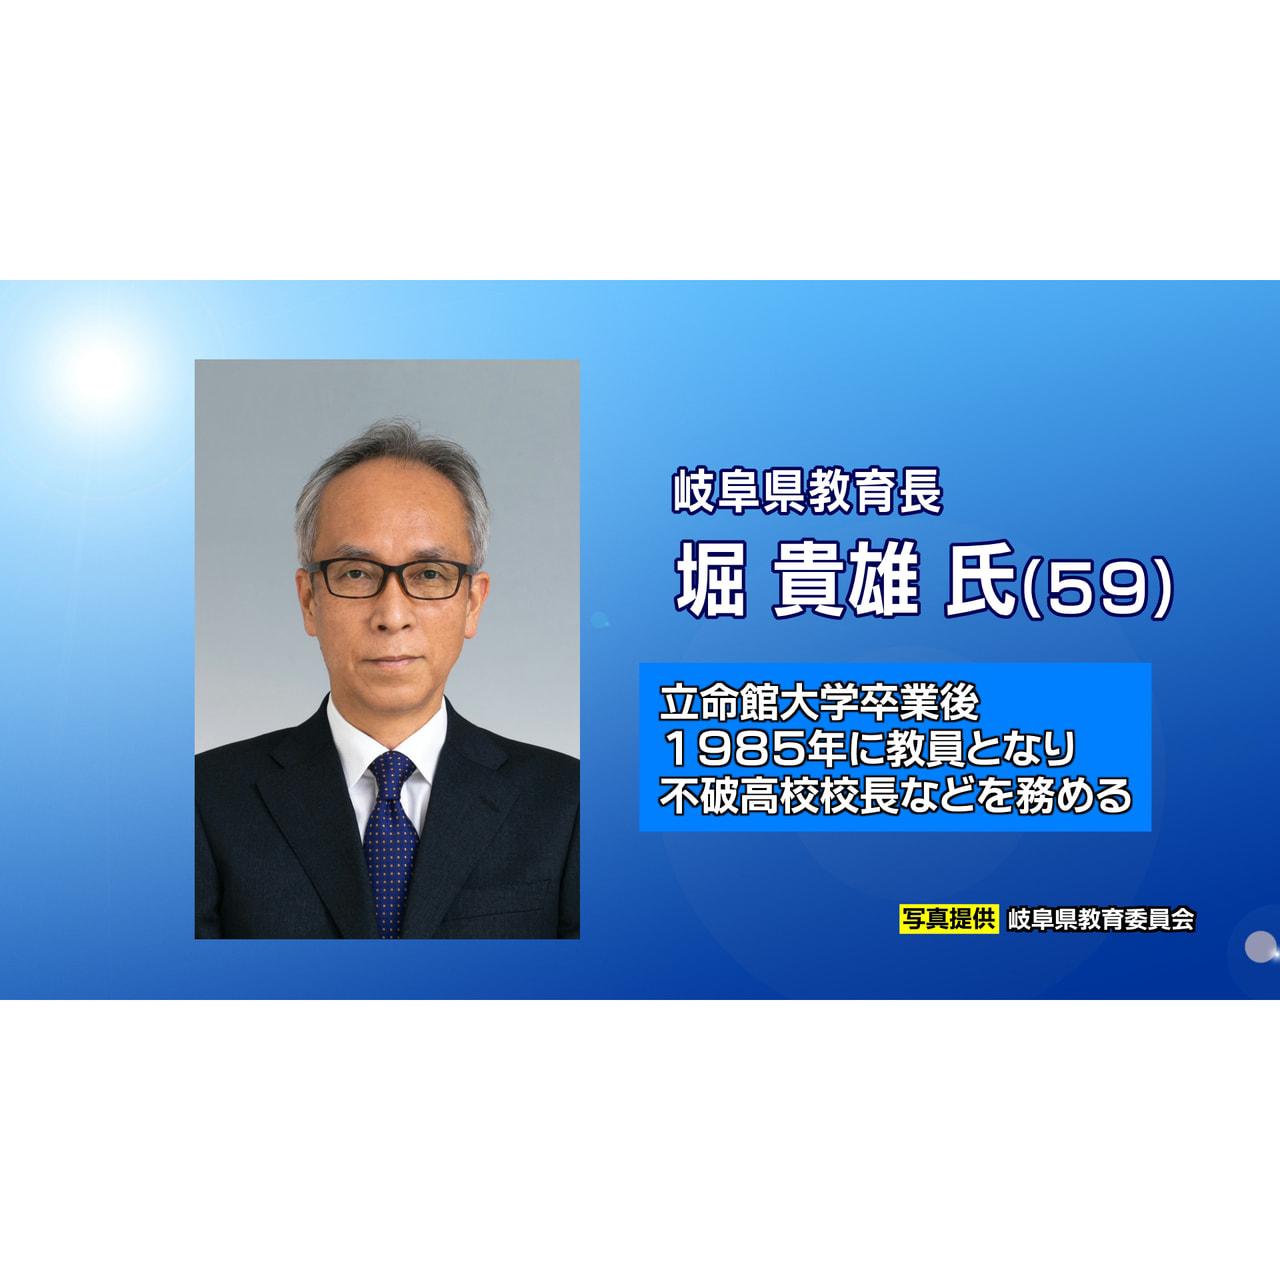 岐阜県は、3月末で任期満了となる安福正寿教育長の後任に堀貴雄教育次長を起用すると...